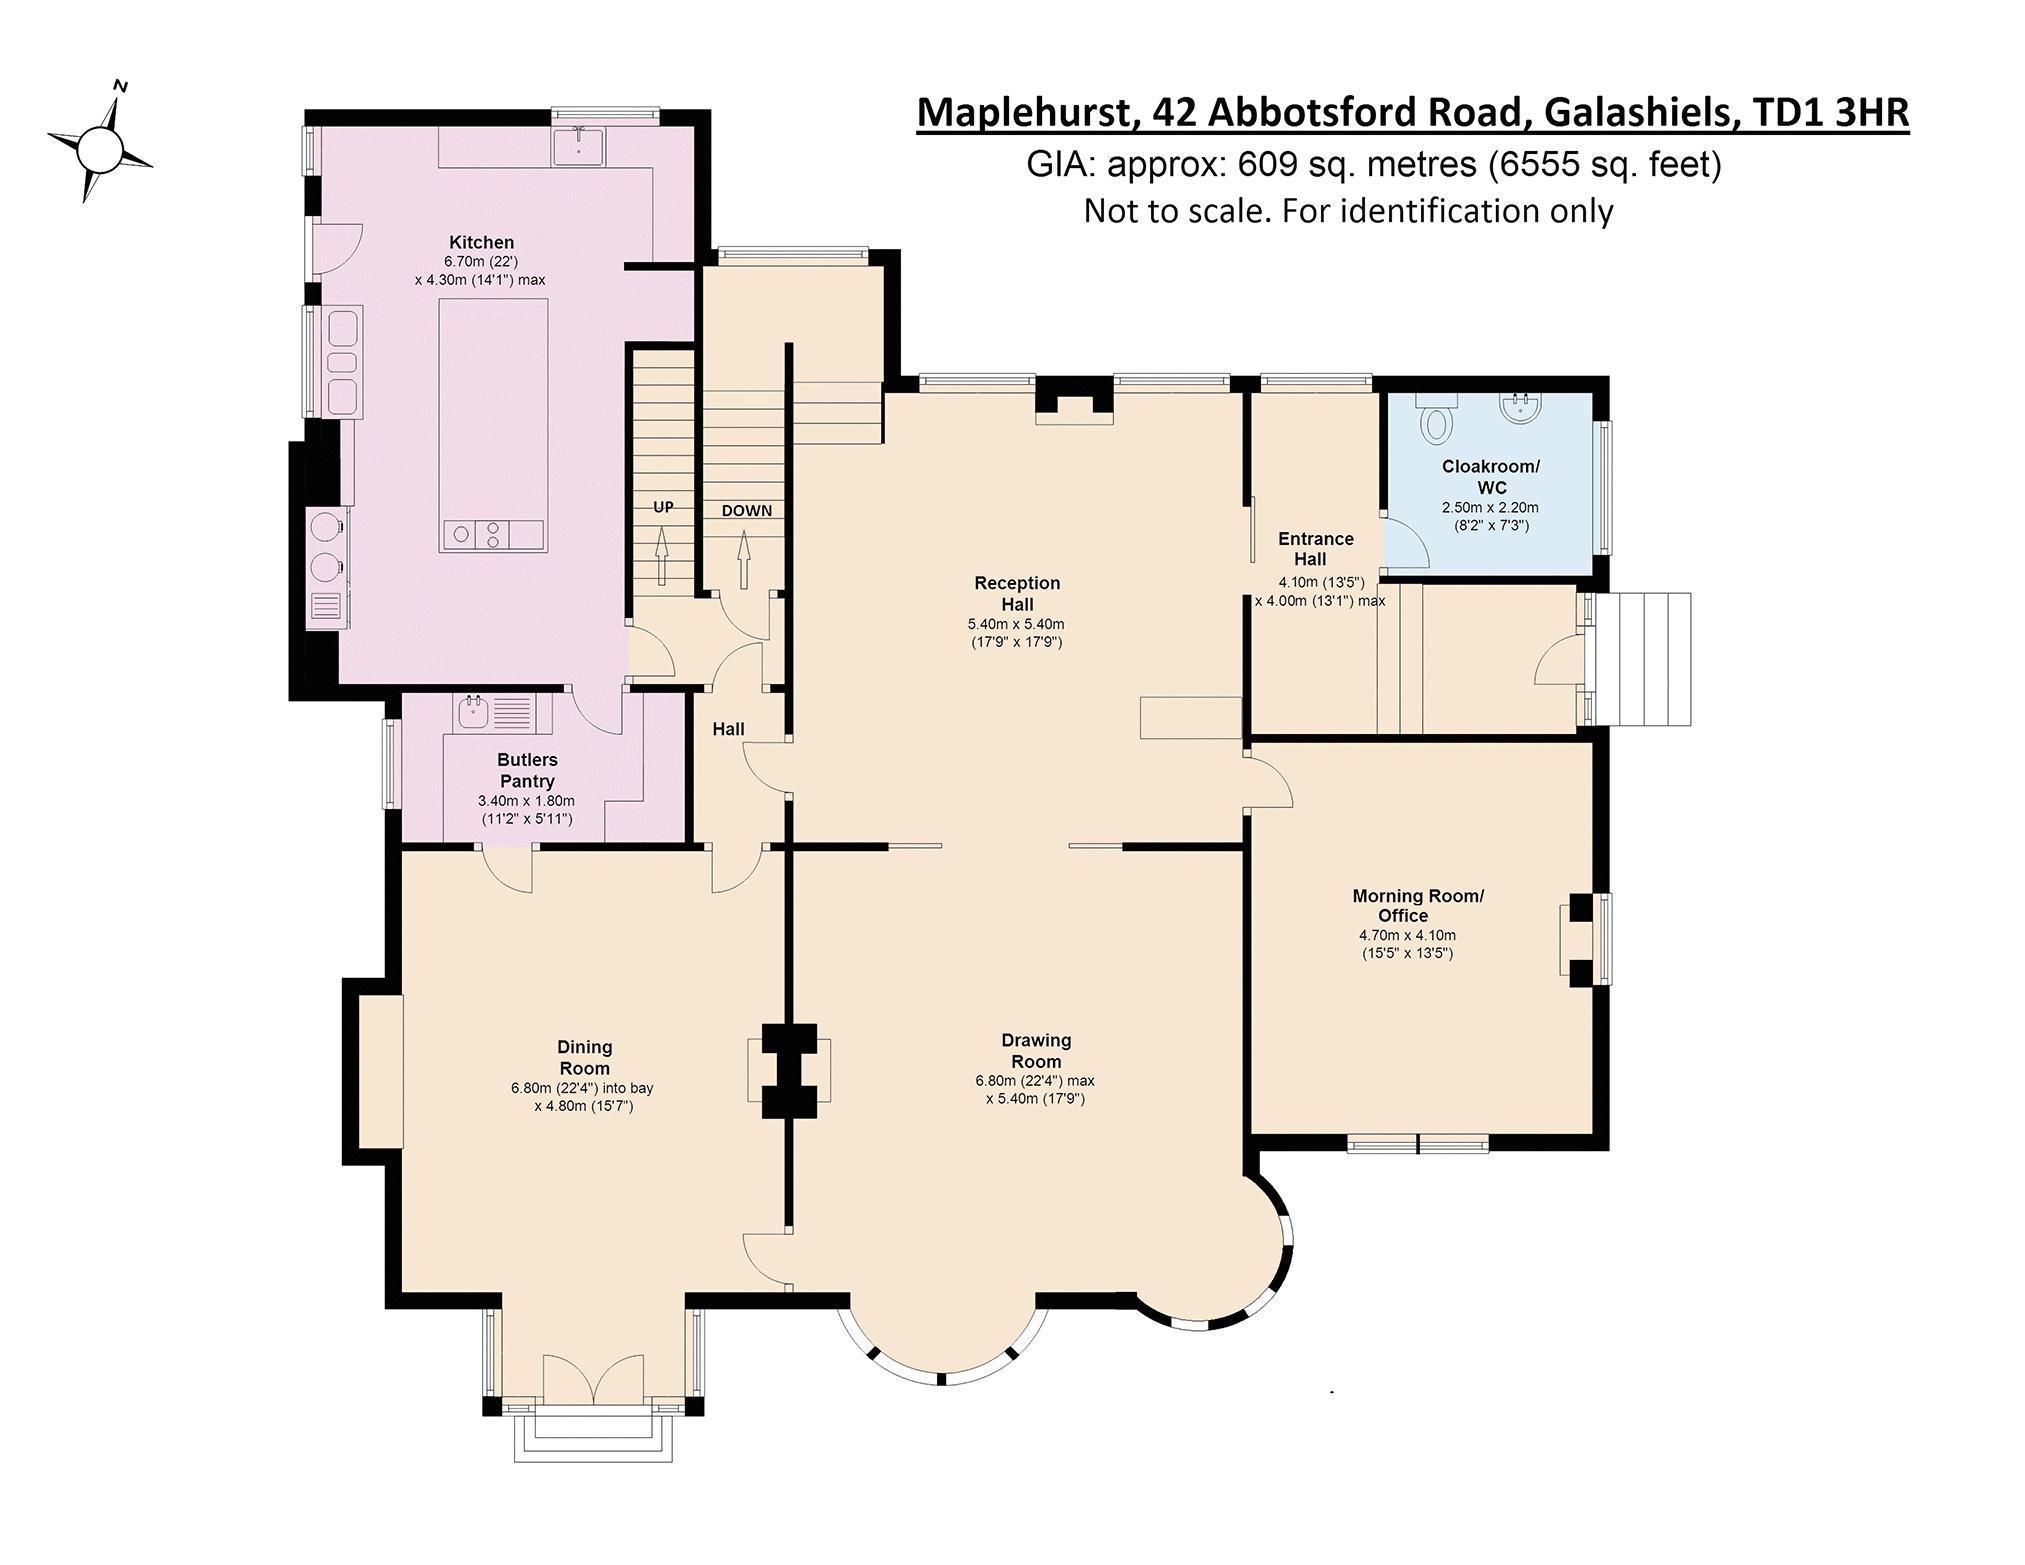 Maplehurst Ground Floor